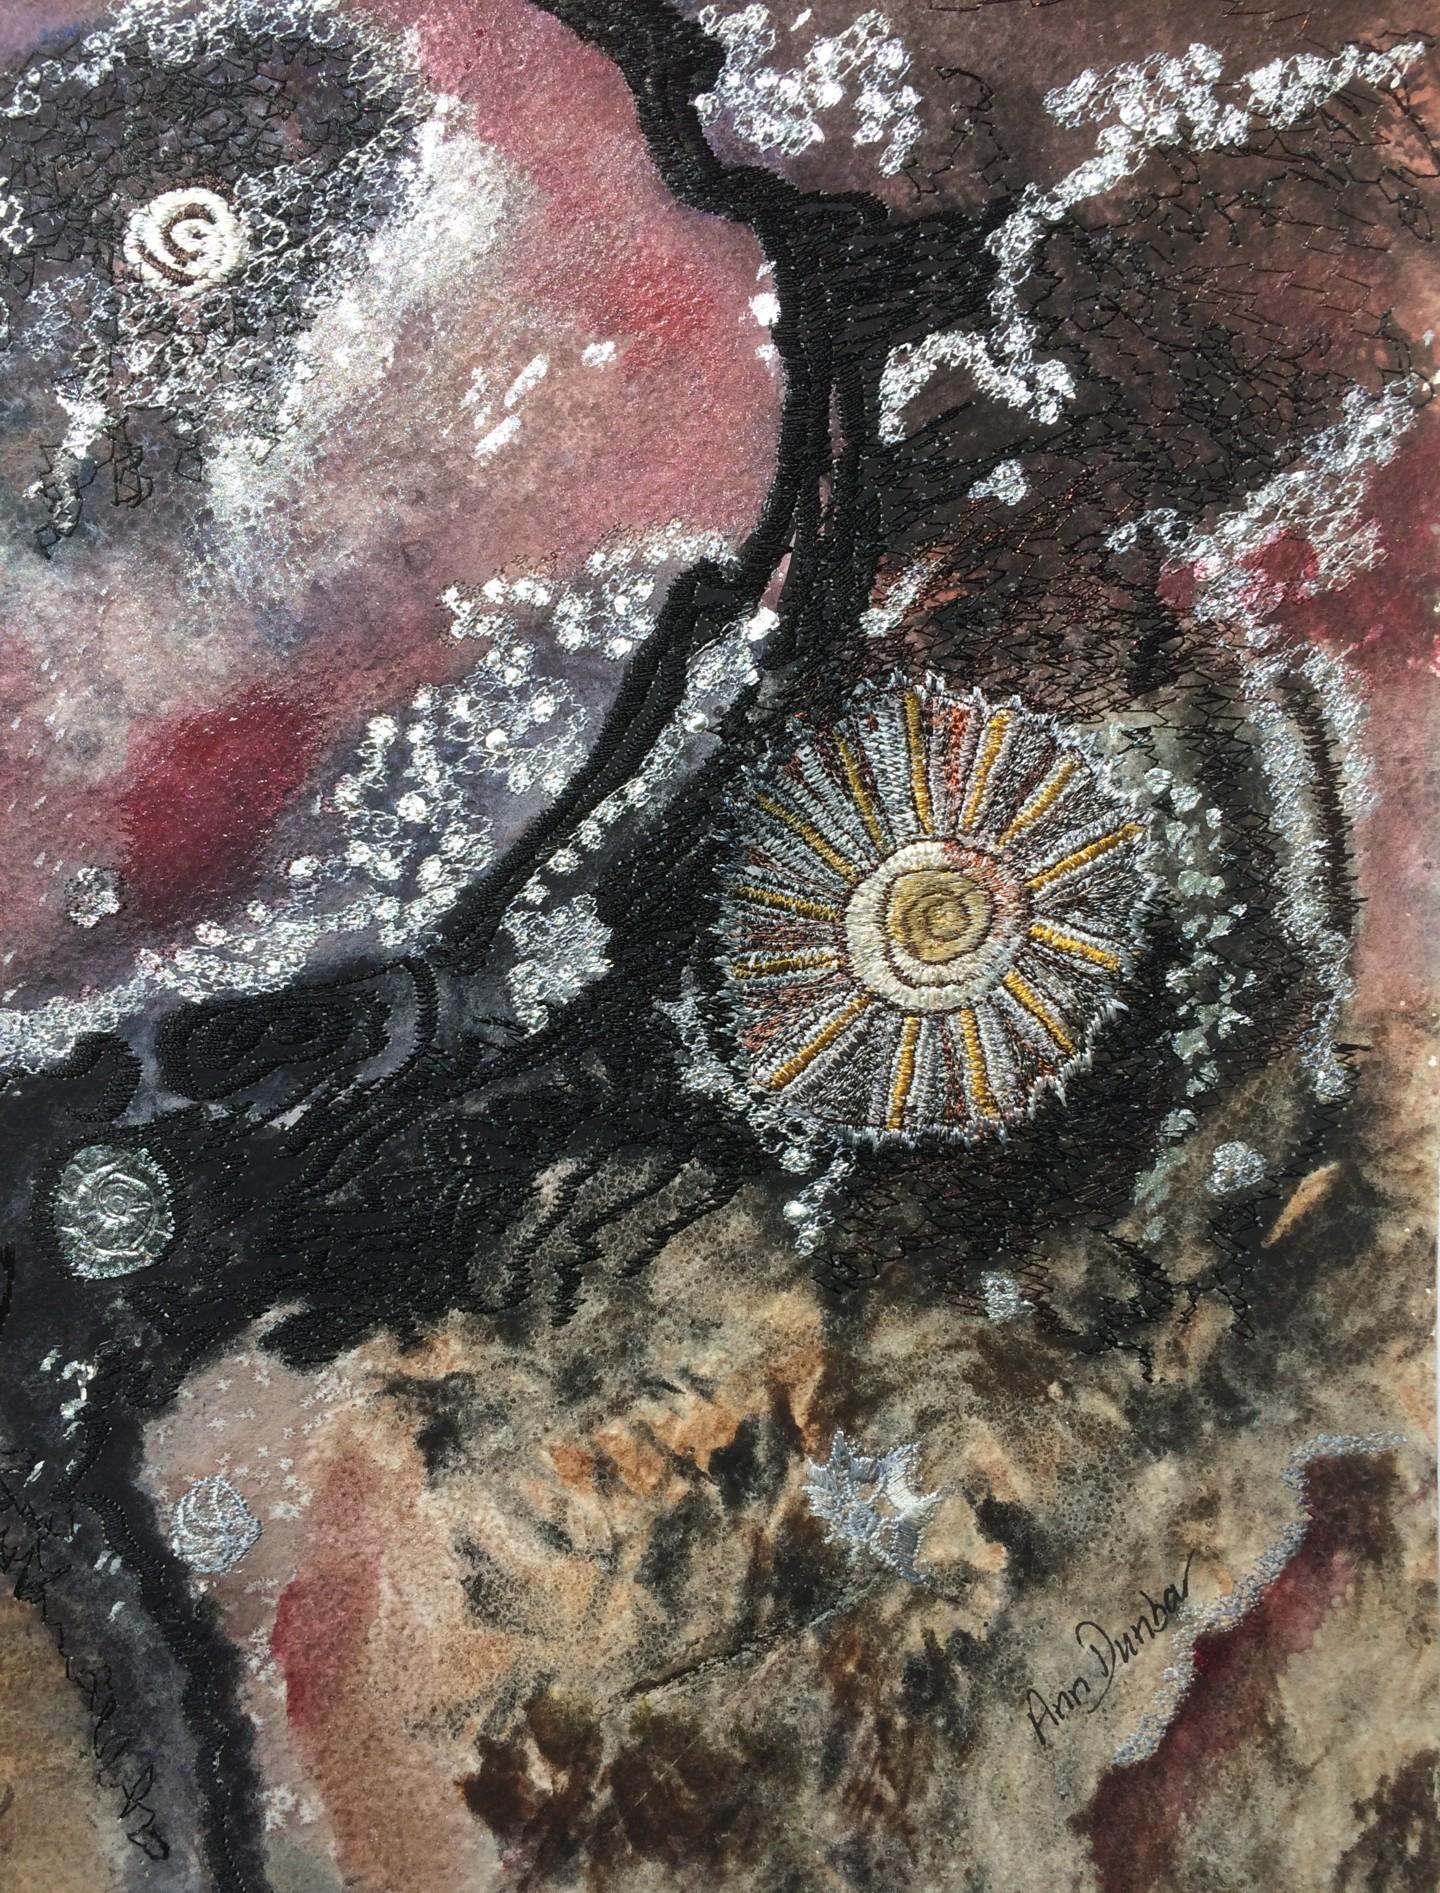 Ann Dunbar - Barnacle & Shell 2